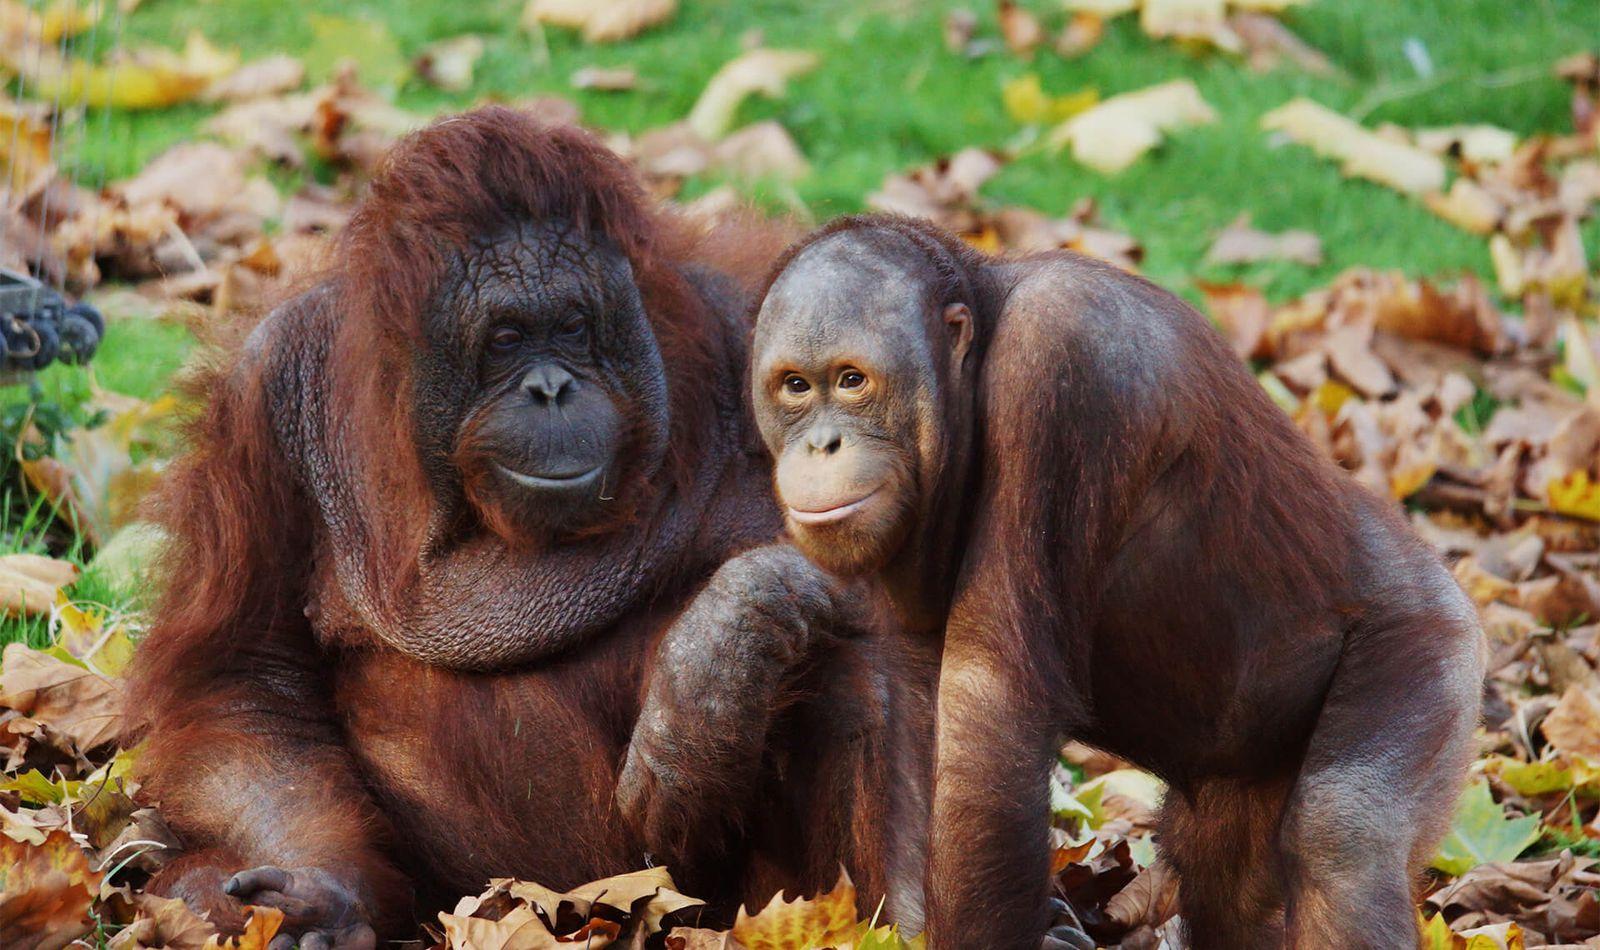 Orangs-outans - Animaux extraordinaires du ZooParc